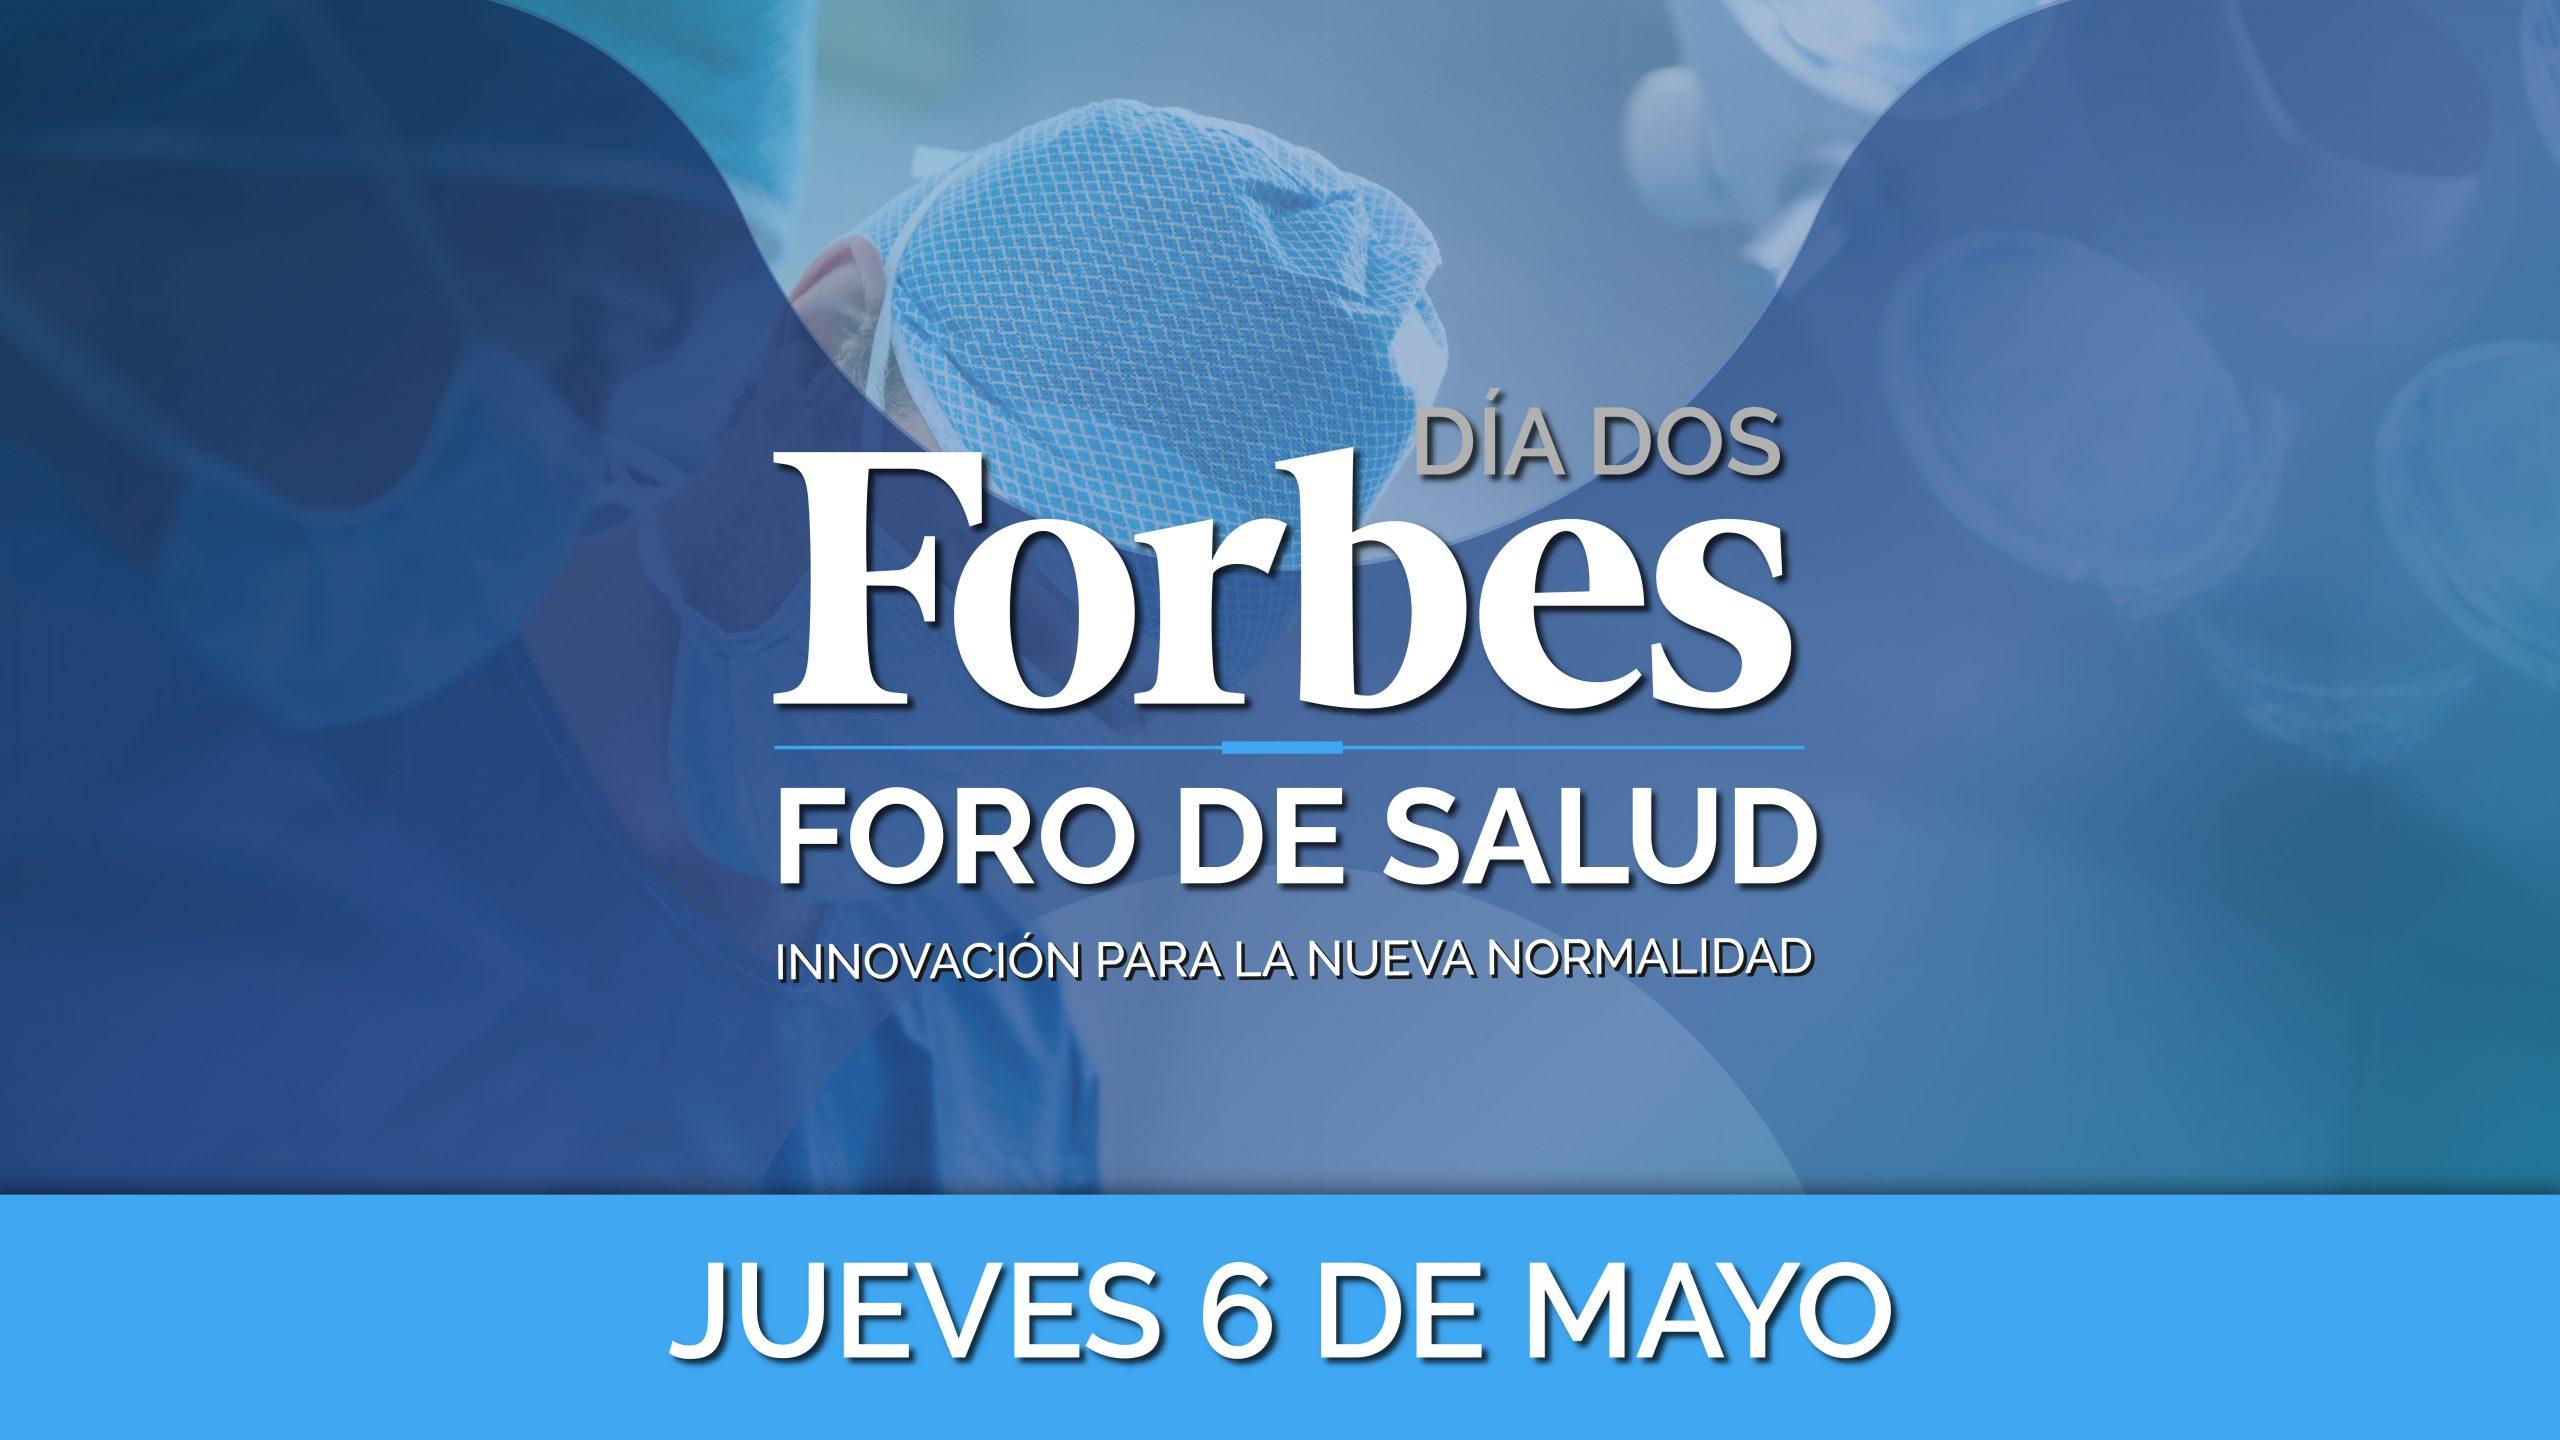 Foro Forbes de Salud – Día